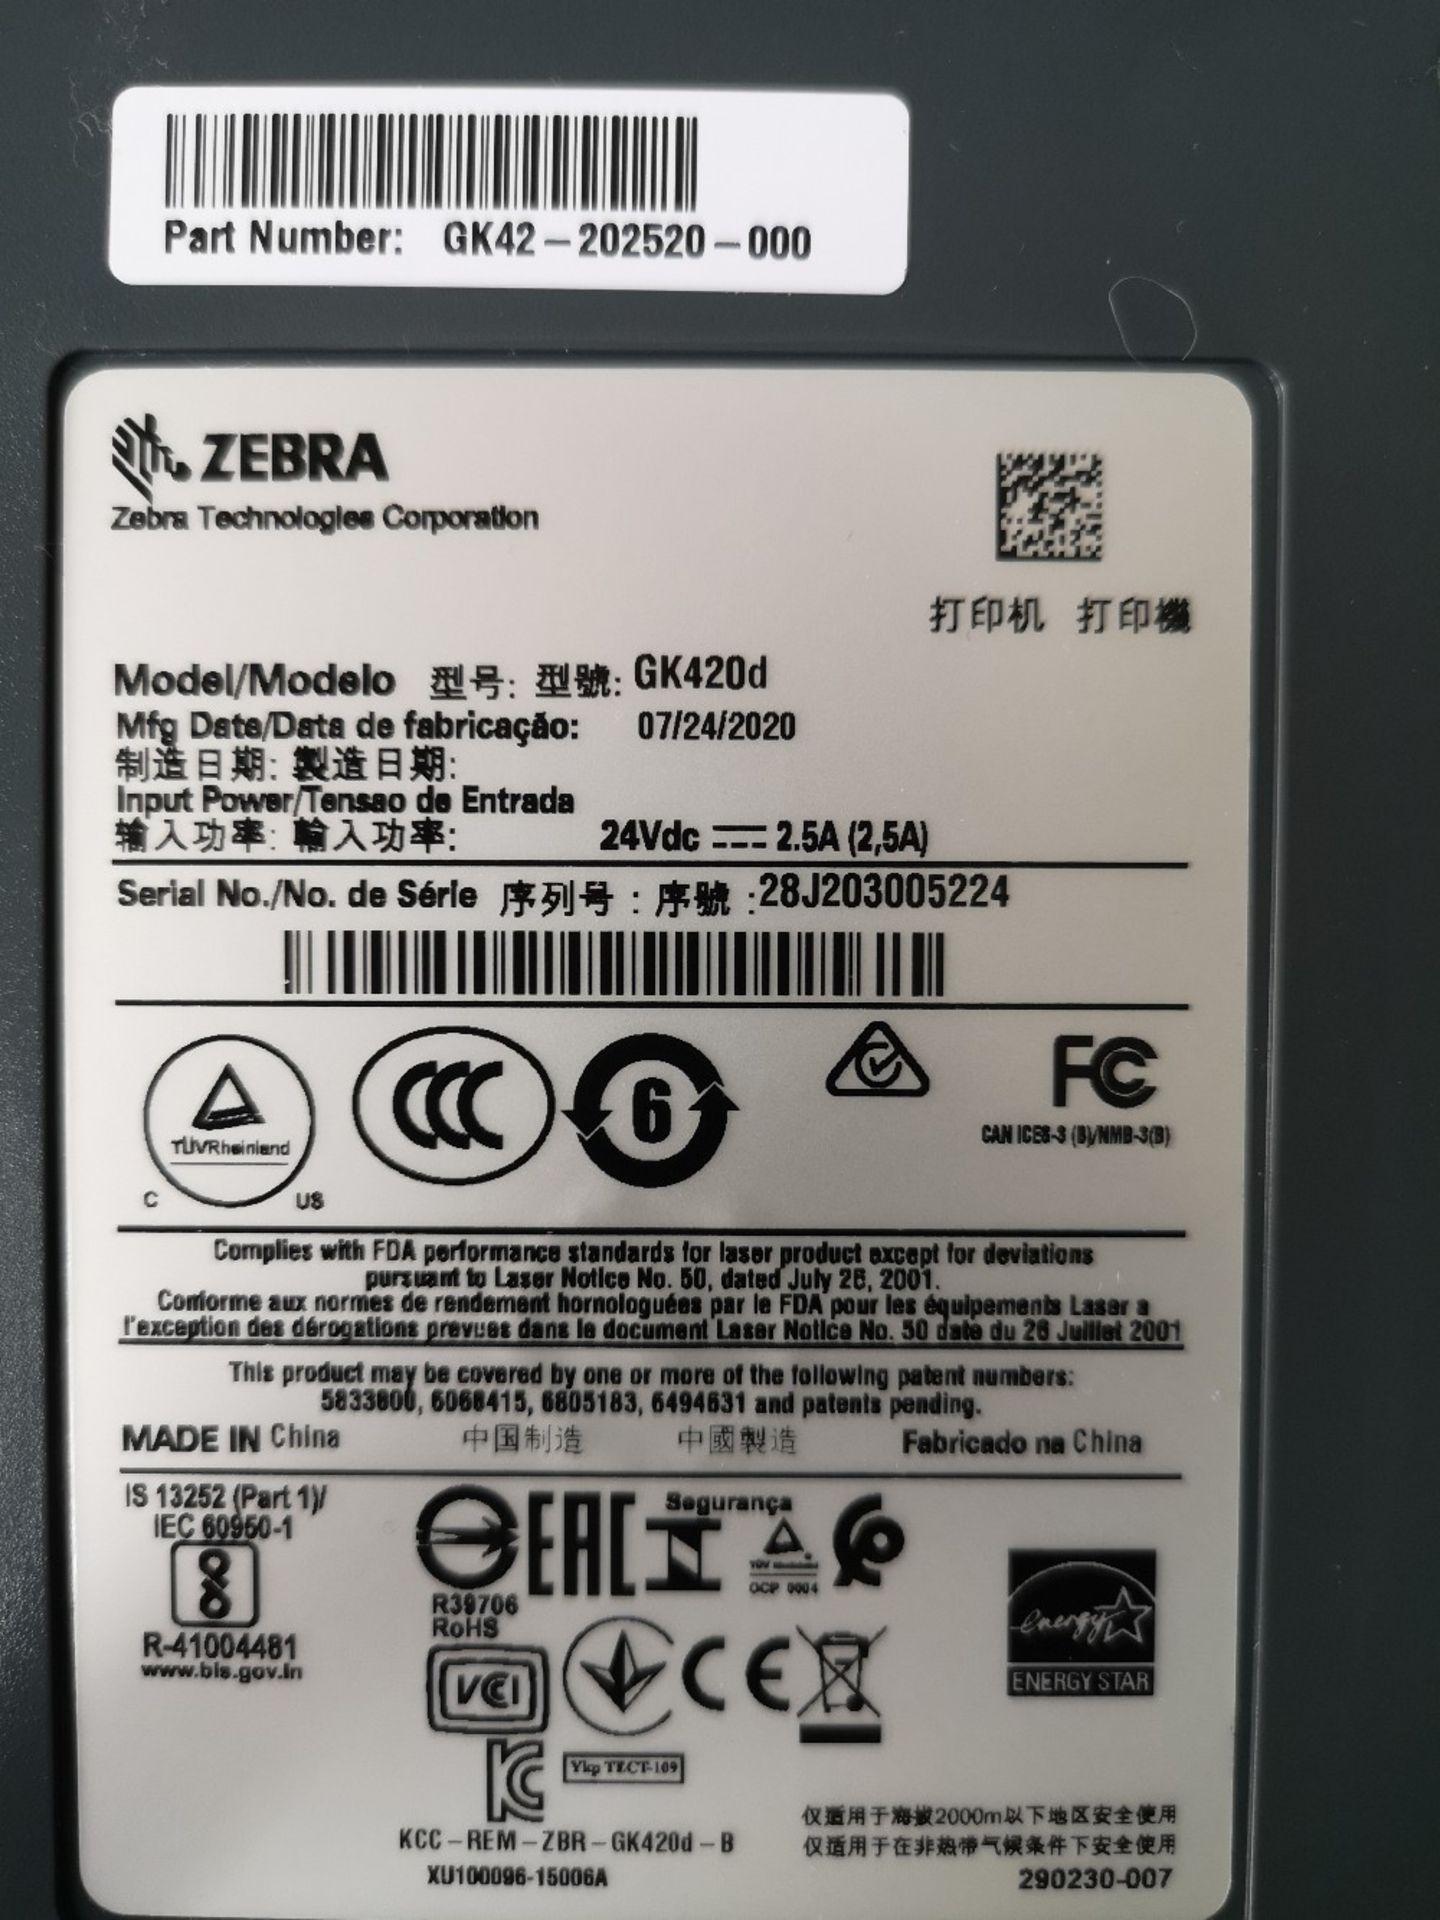 Zebra GK420d Thermal Label Printer - Image 3 of 3